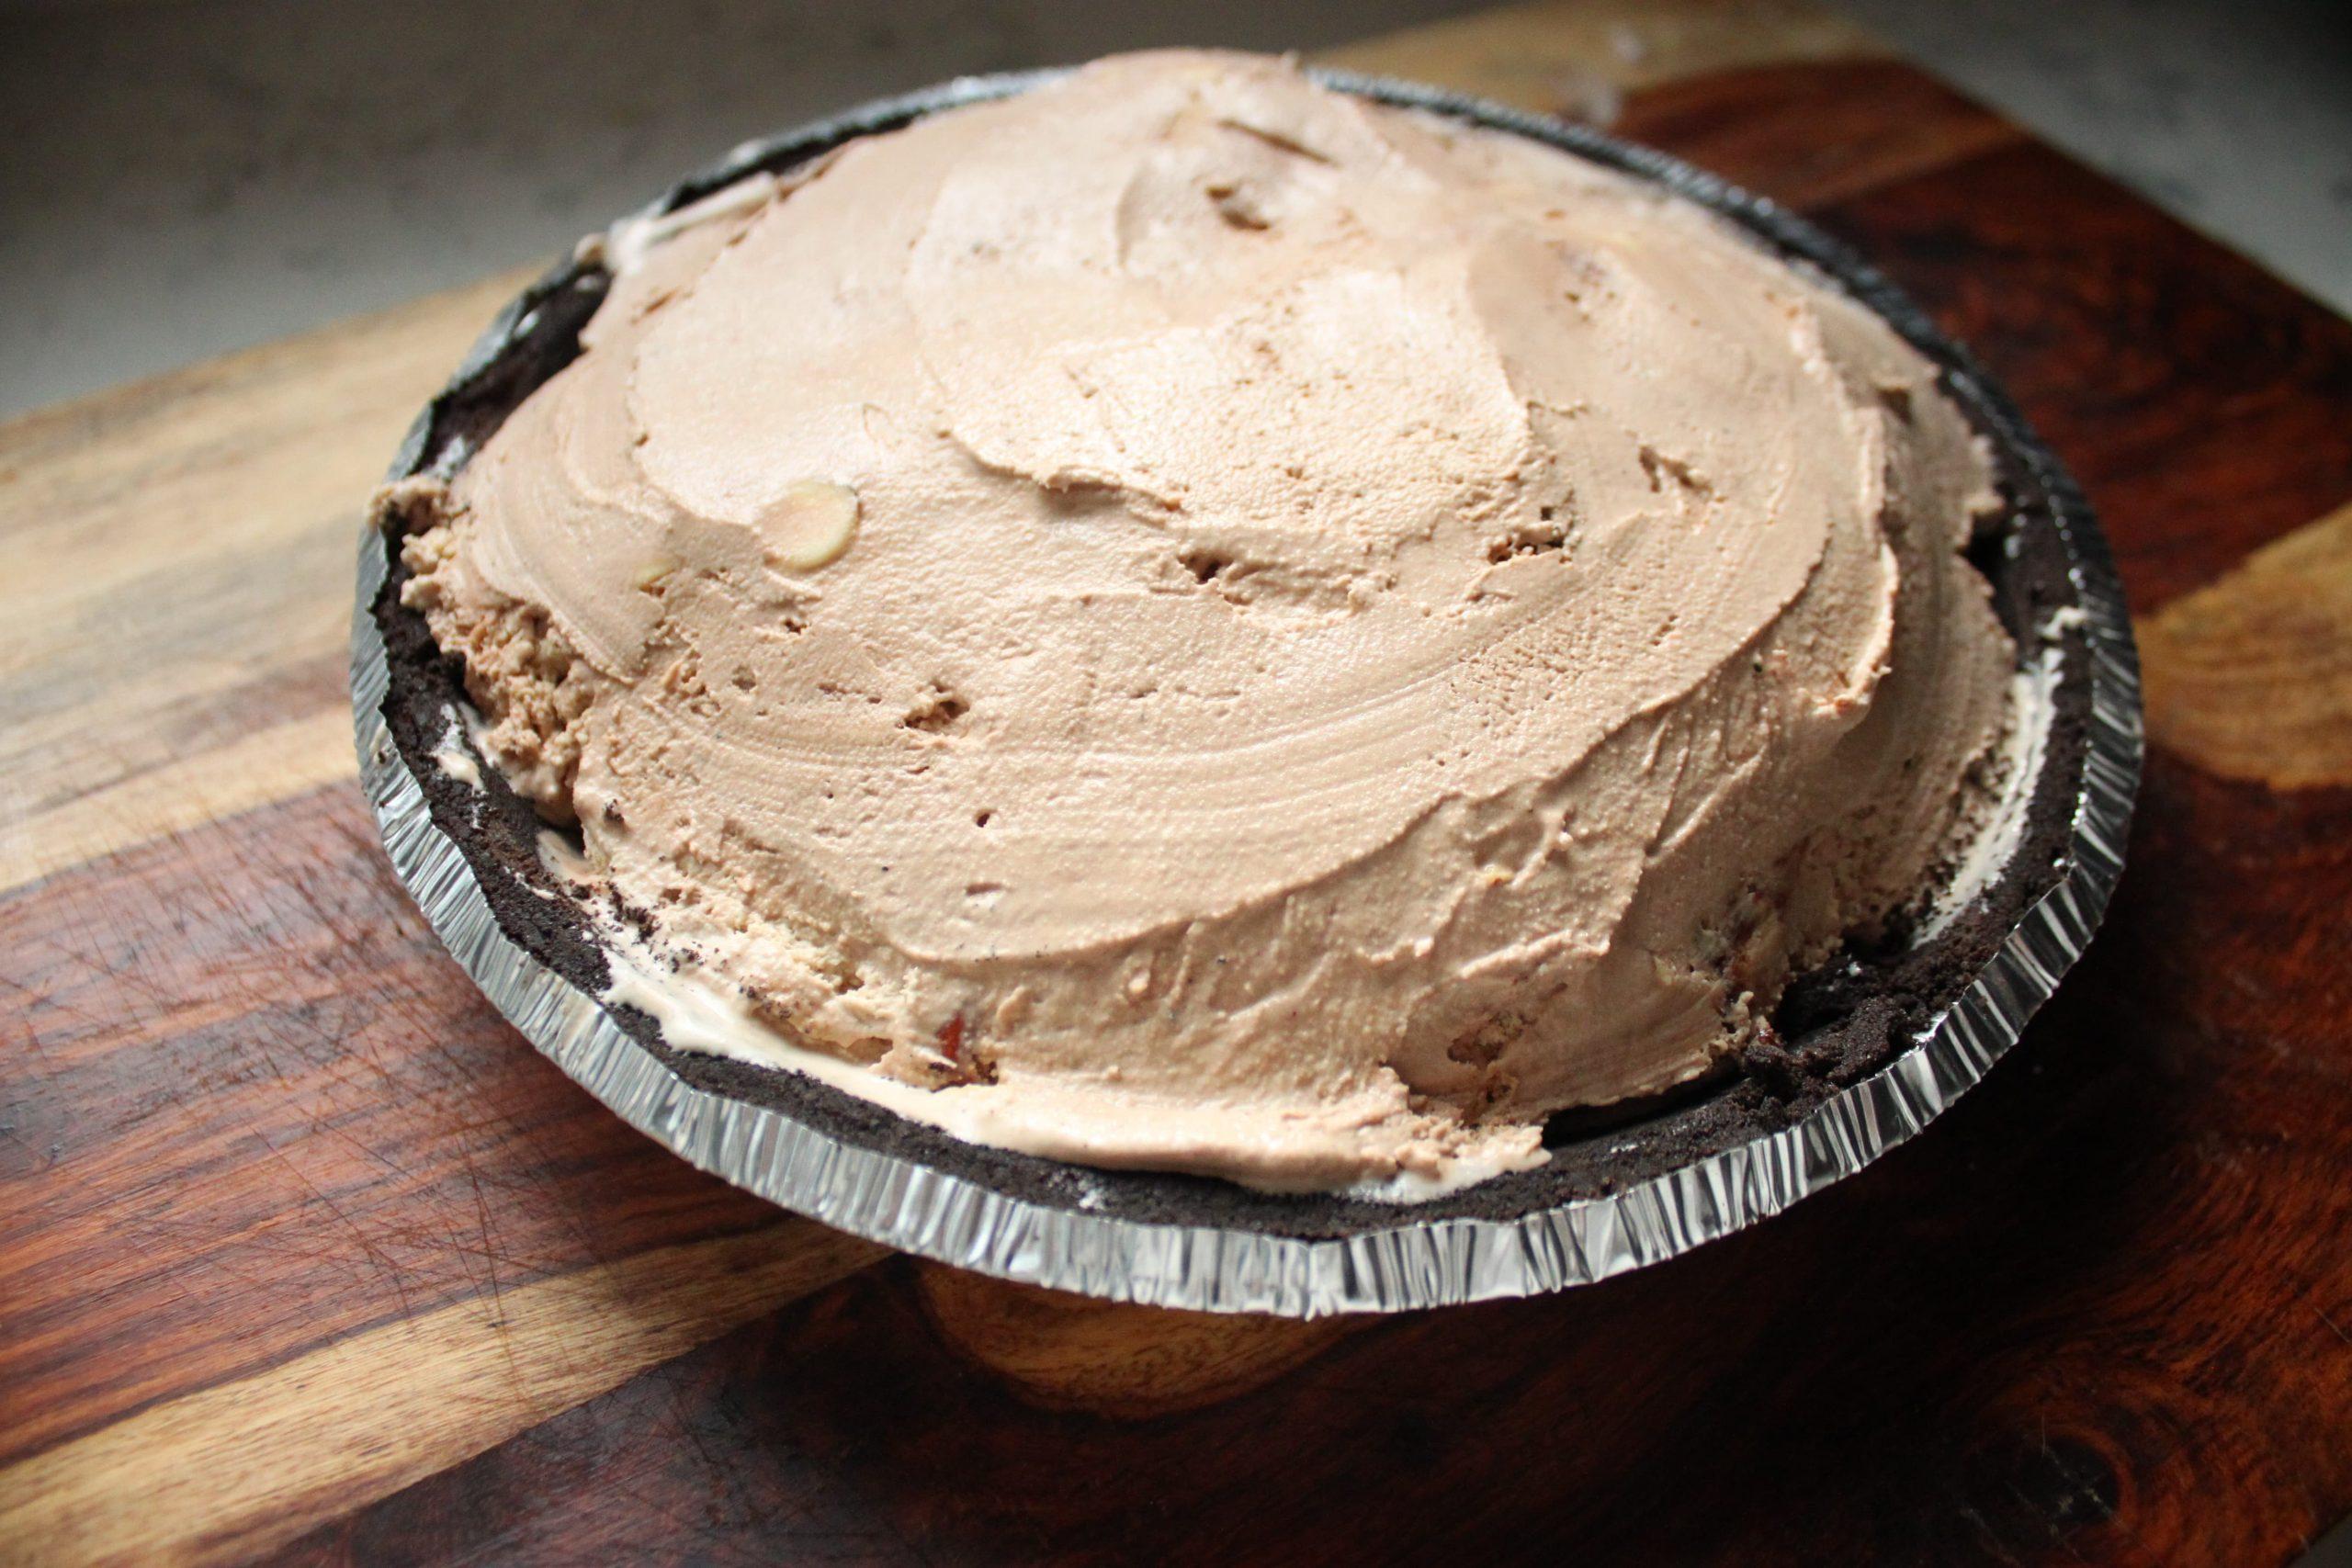 How to Put Ice Cream into Pie Crust